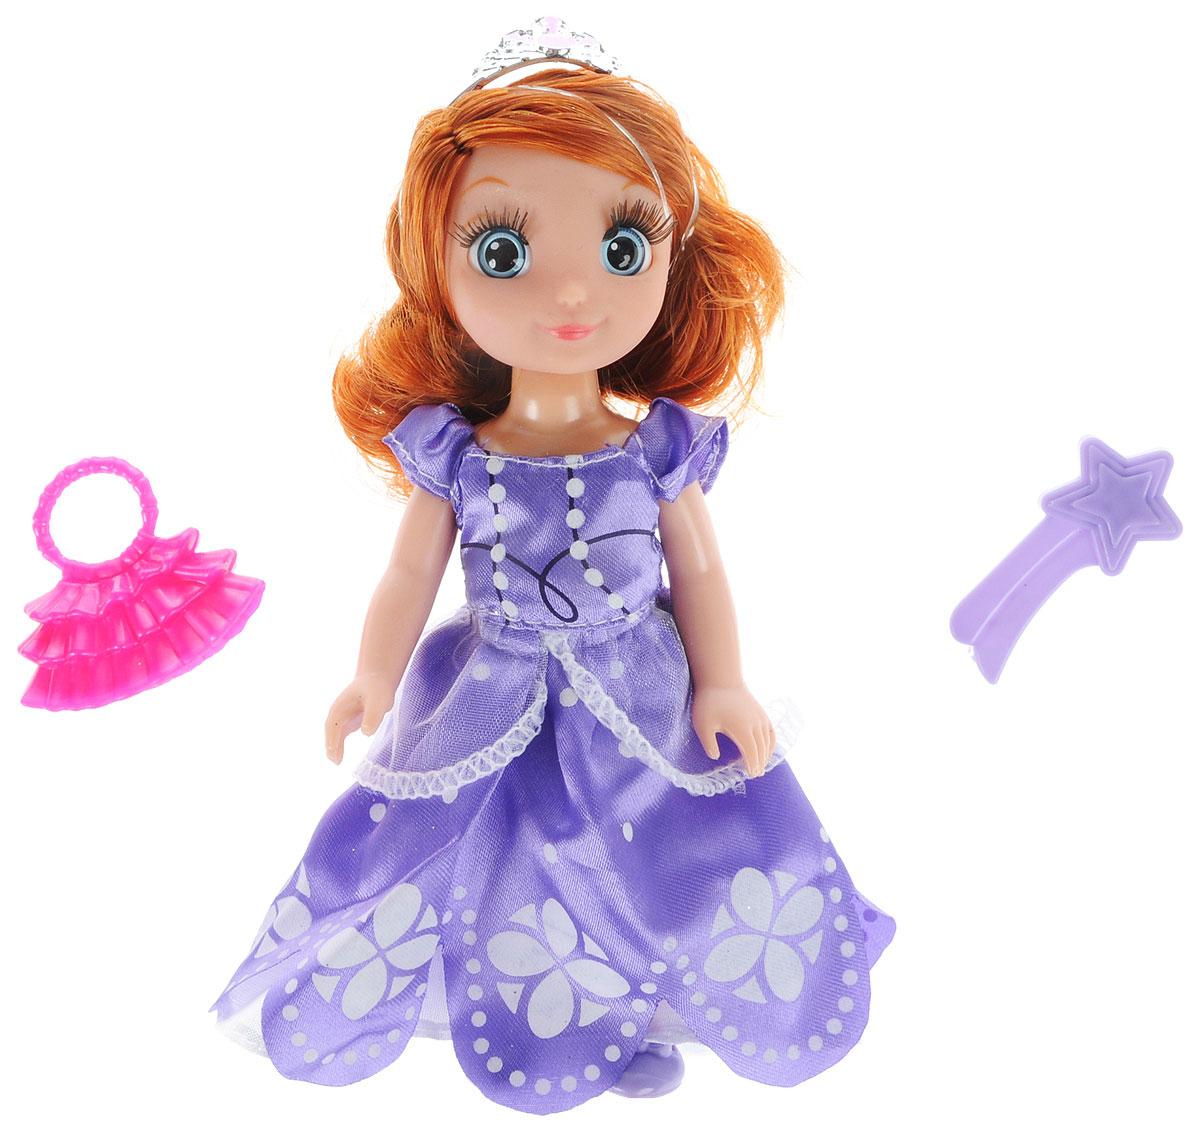 Карапуз Кукла озвученная Принцесса София с набором одежды цвет светло-фиолетовый hasbro модная кукла принцесса в юбке с проявляющимся принтом принцессы дисней b5295 b5299